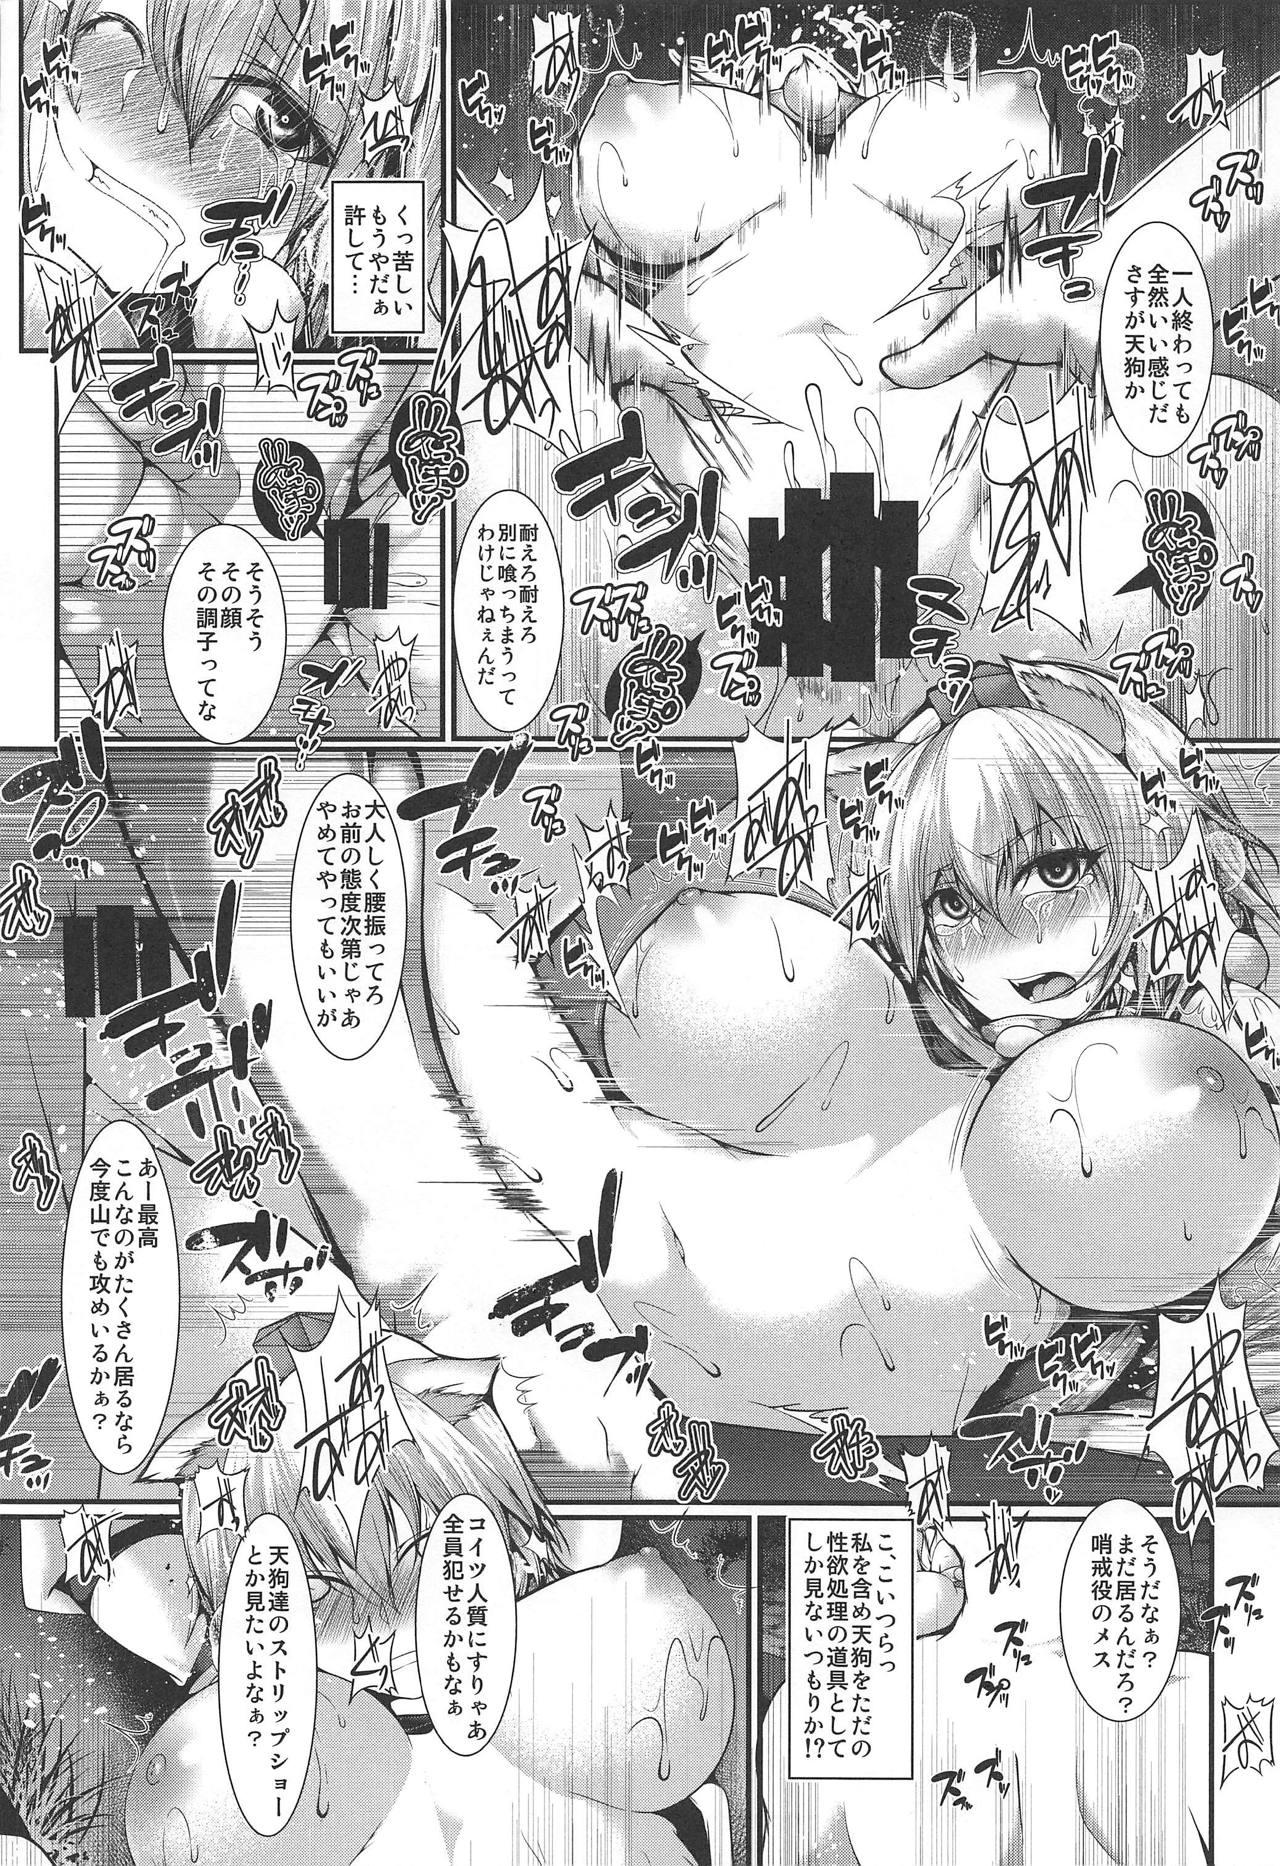 【エロ漫画】強気女は腹パンで精神も屈服させるに限りますねwwすっかり怯えた女は調教しやすくて良いわ♡